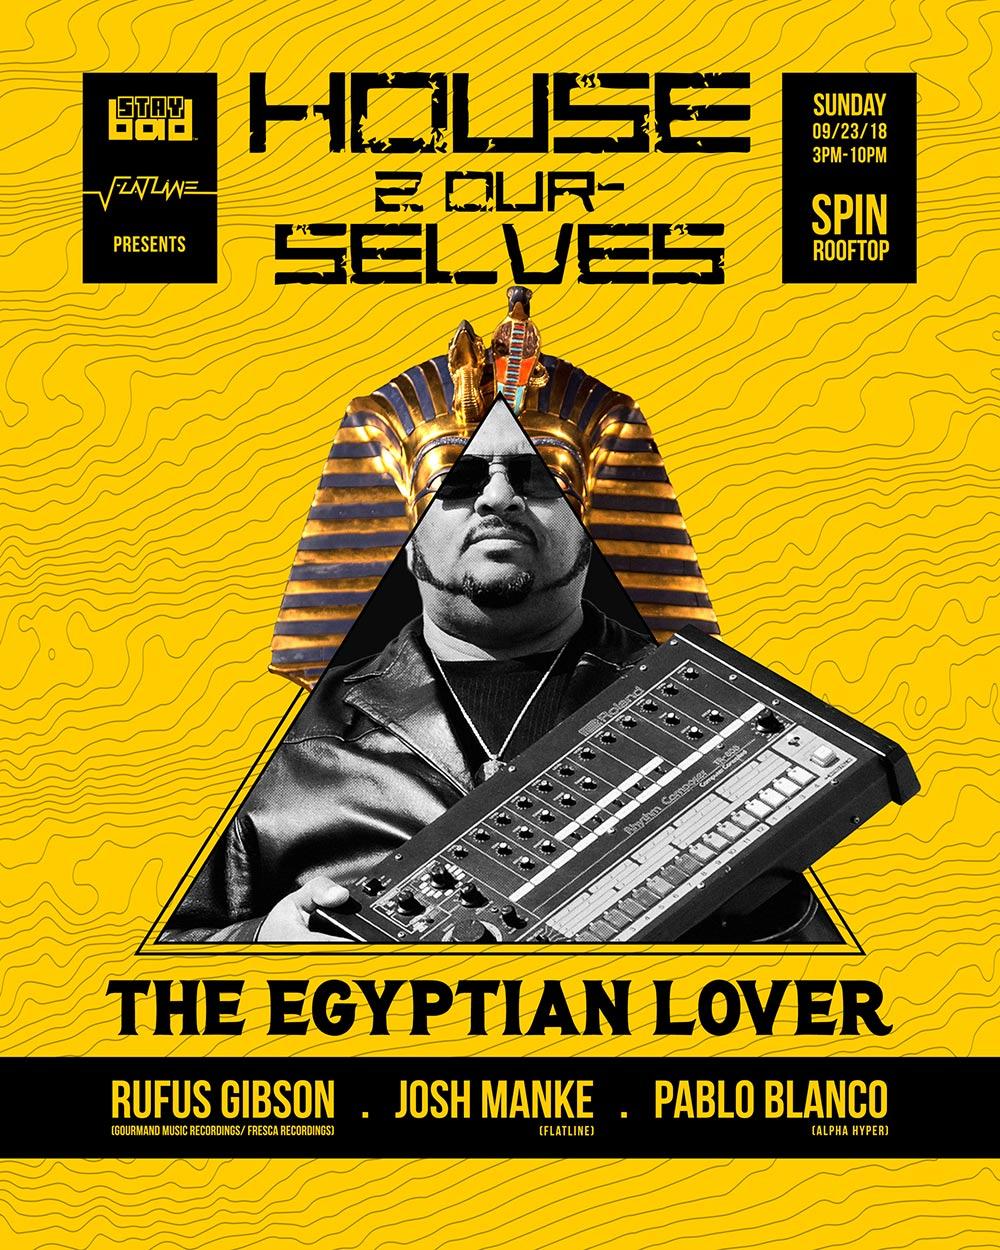 4X5_092318_EGYPTIAN-H2O_WEIJERRYCHEN-ART-DESIGN.jpg